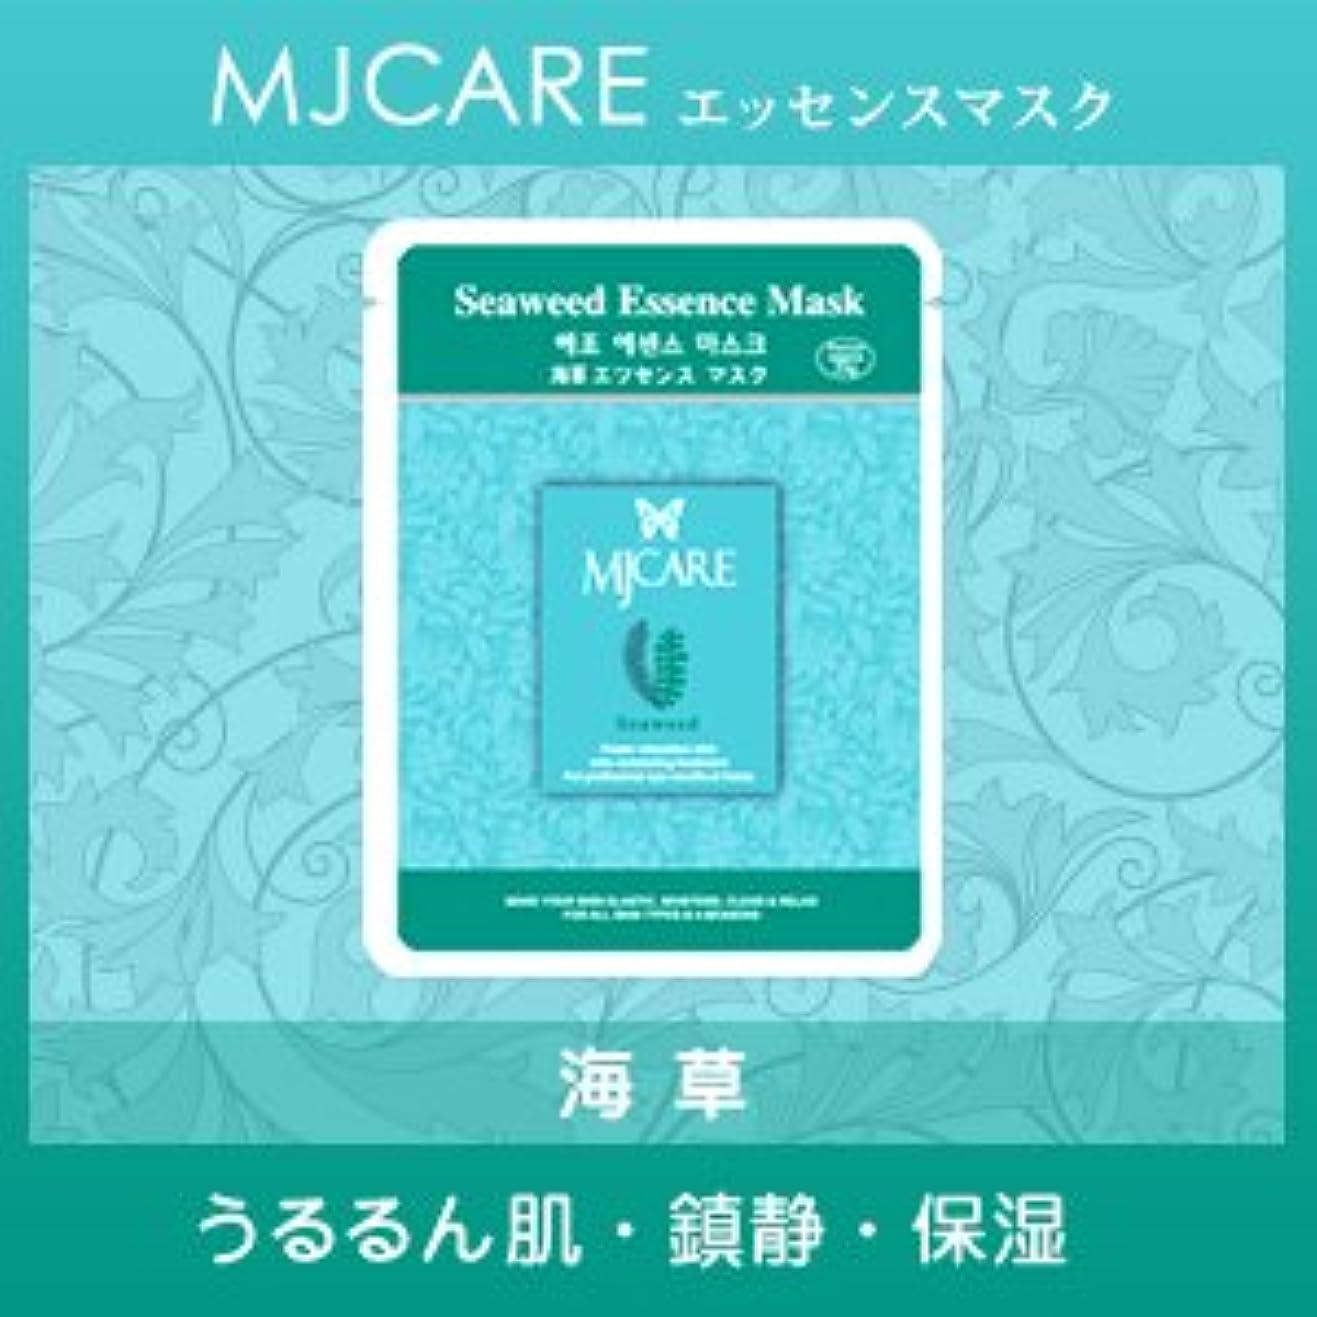 リーン邪魔する仮定するMJCARE (エムジェイケア) 海草 エッセンスマスク